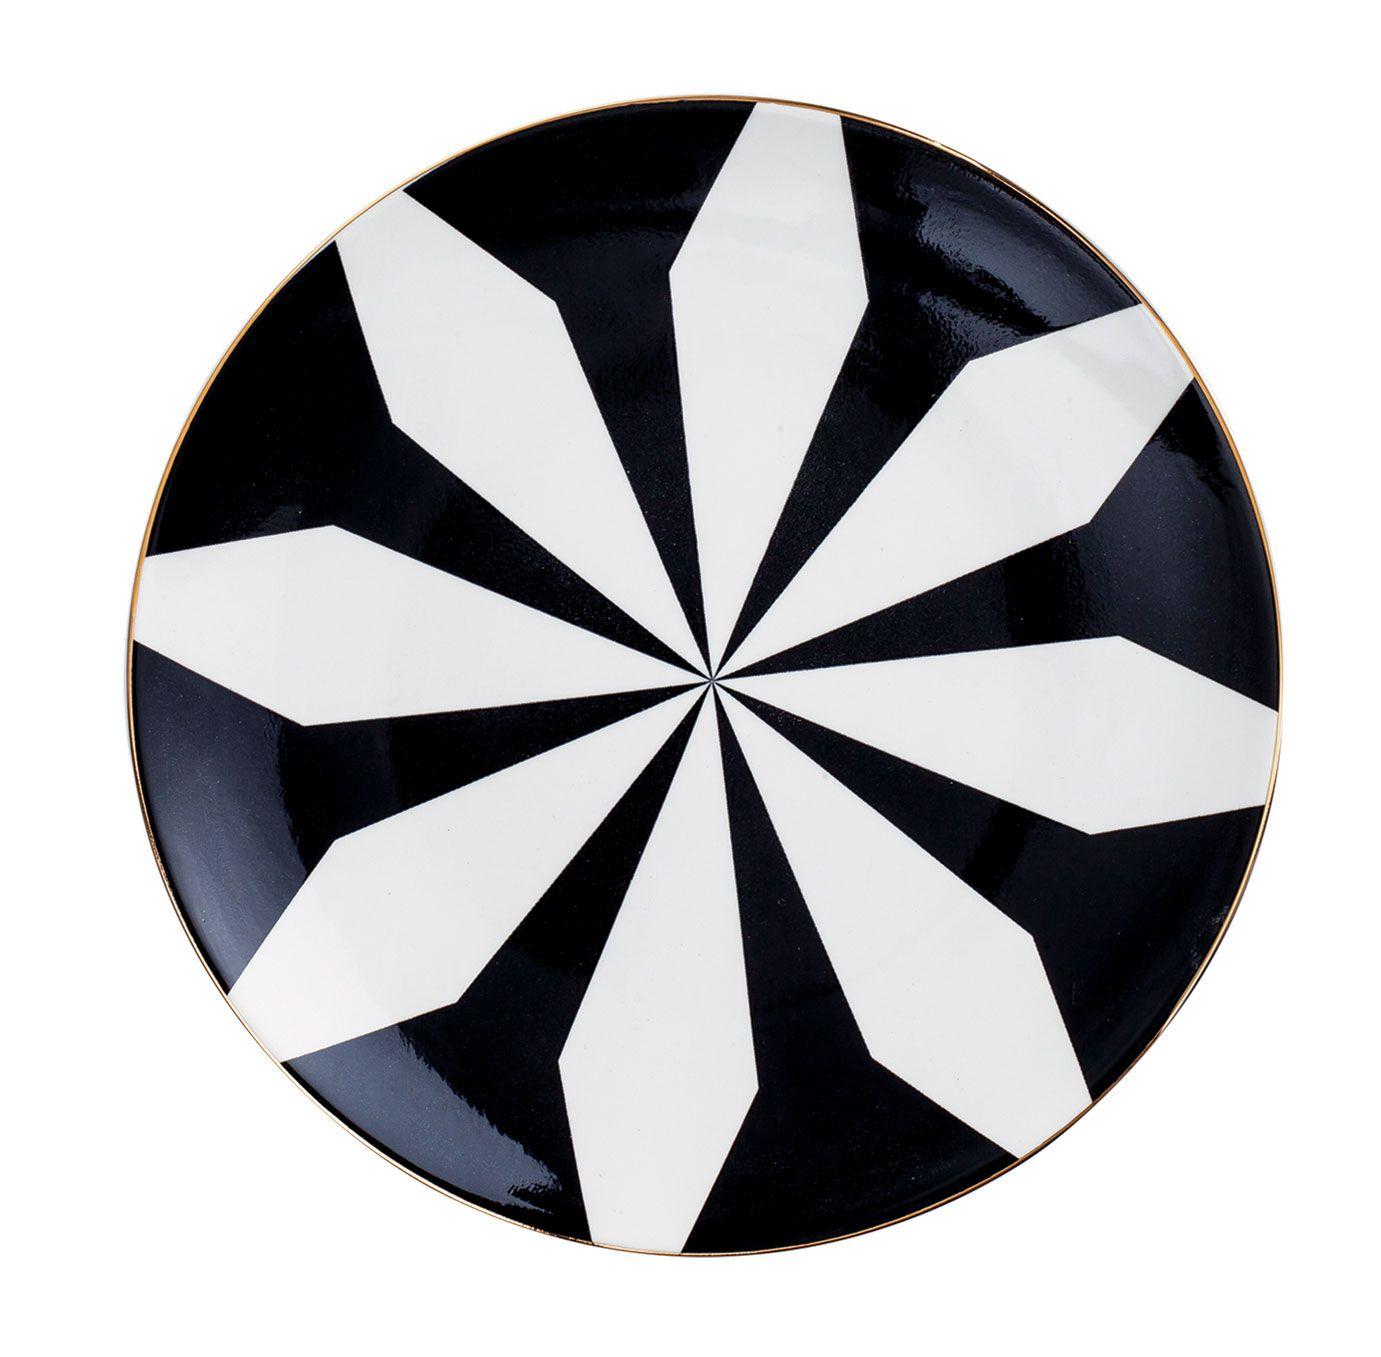 Prato Decorativo em Cerâmica Catavento